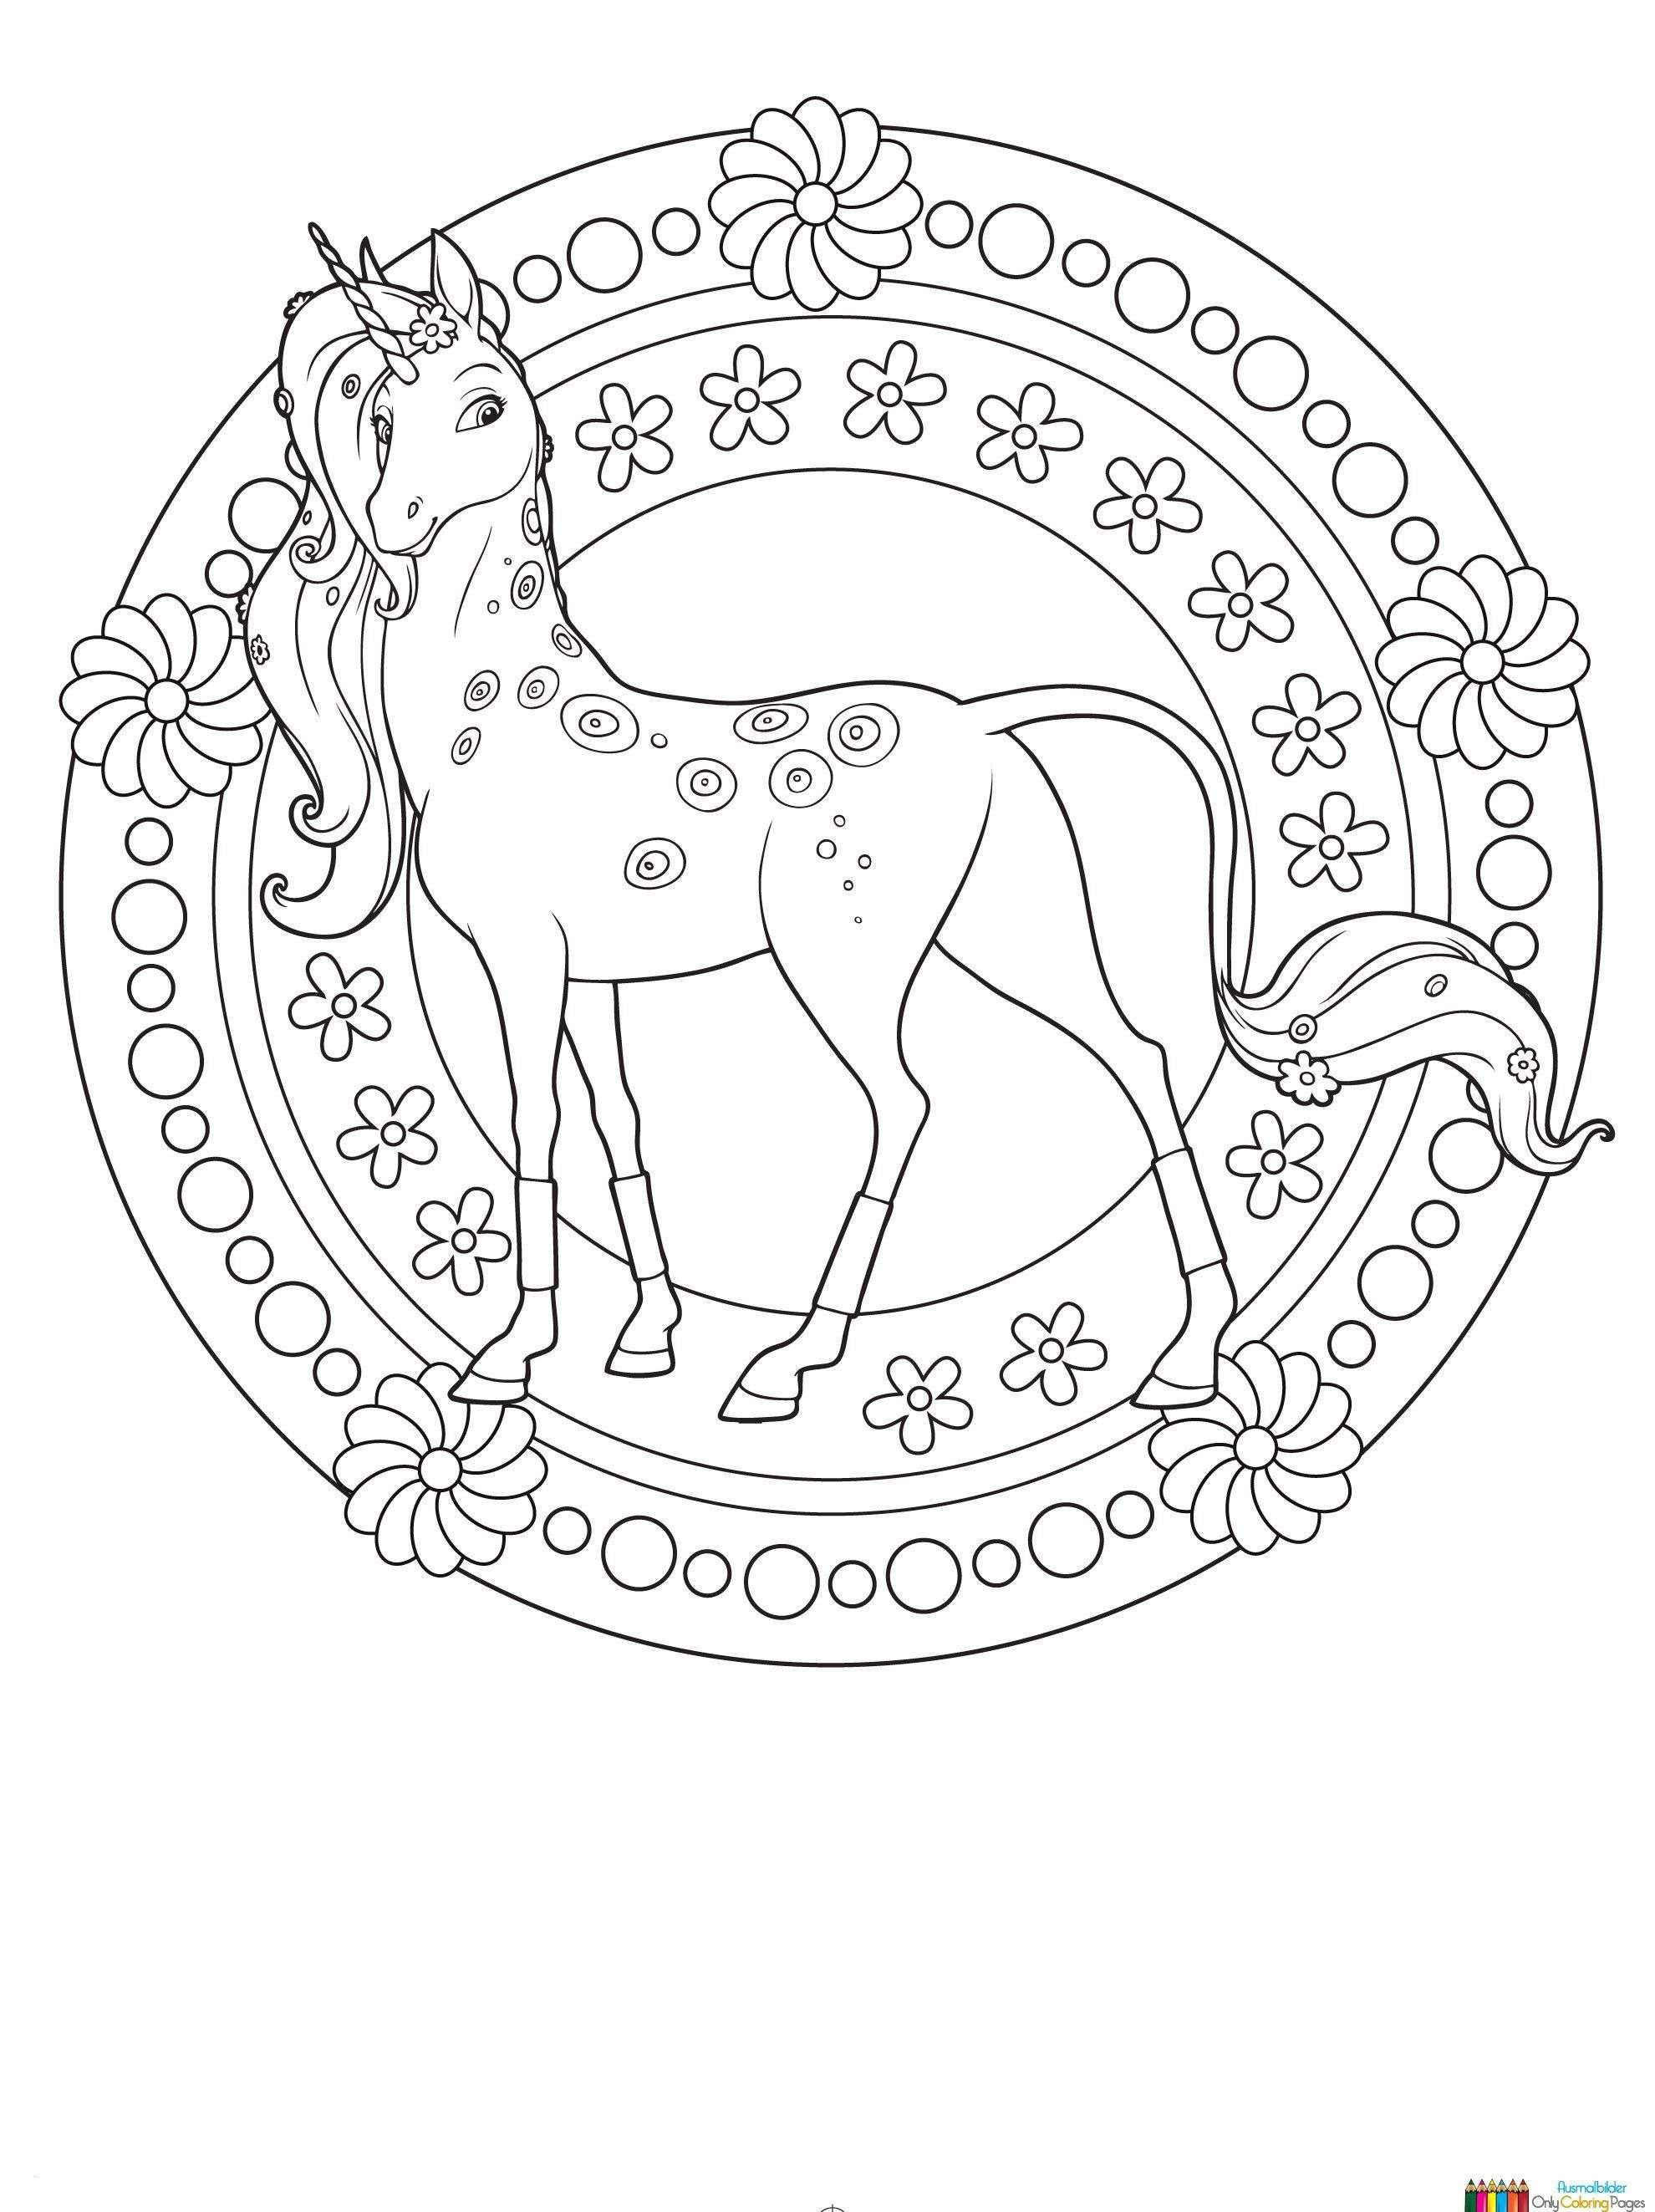 97 Frisch Ausmalbilder Weihnachten Mandala Stock Ausmalbilder Einhorn Zum Ausmalen Ausmalbilder Pferde Zum Ausdrucken